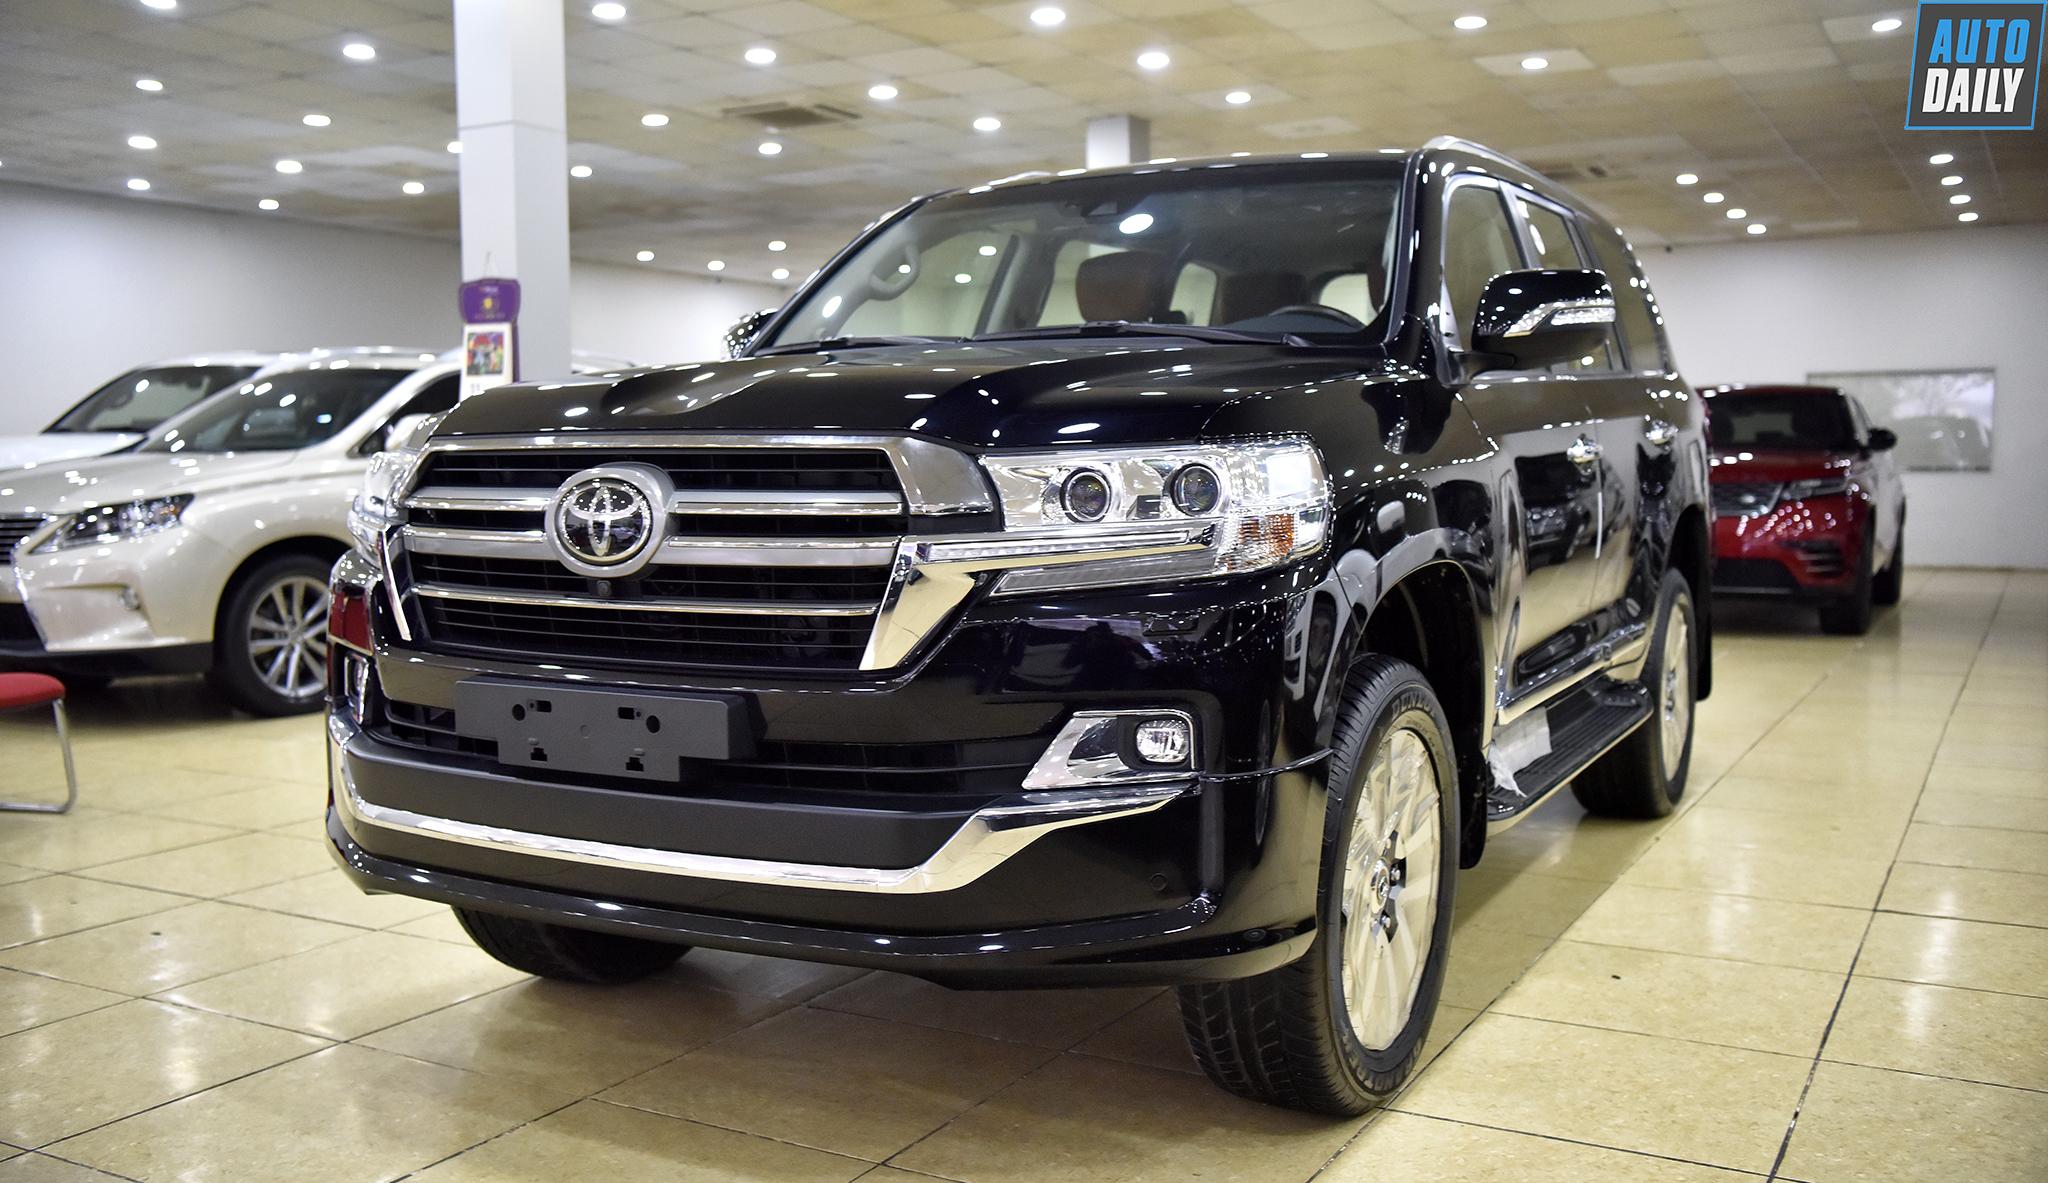 Chi tiết Toyota Land Cruiser 2019 độ 4 ghế ngồi siêu sang